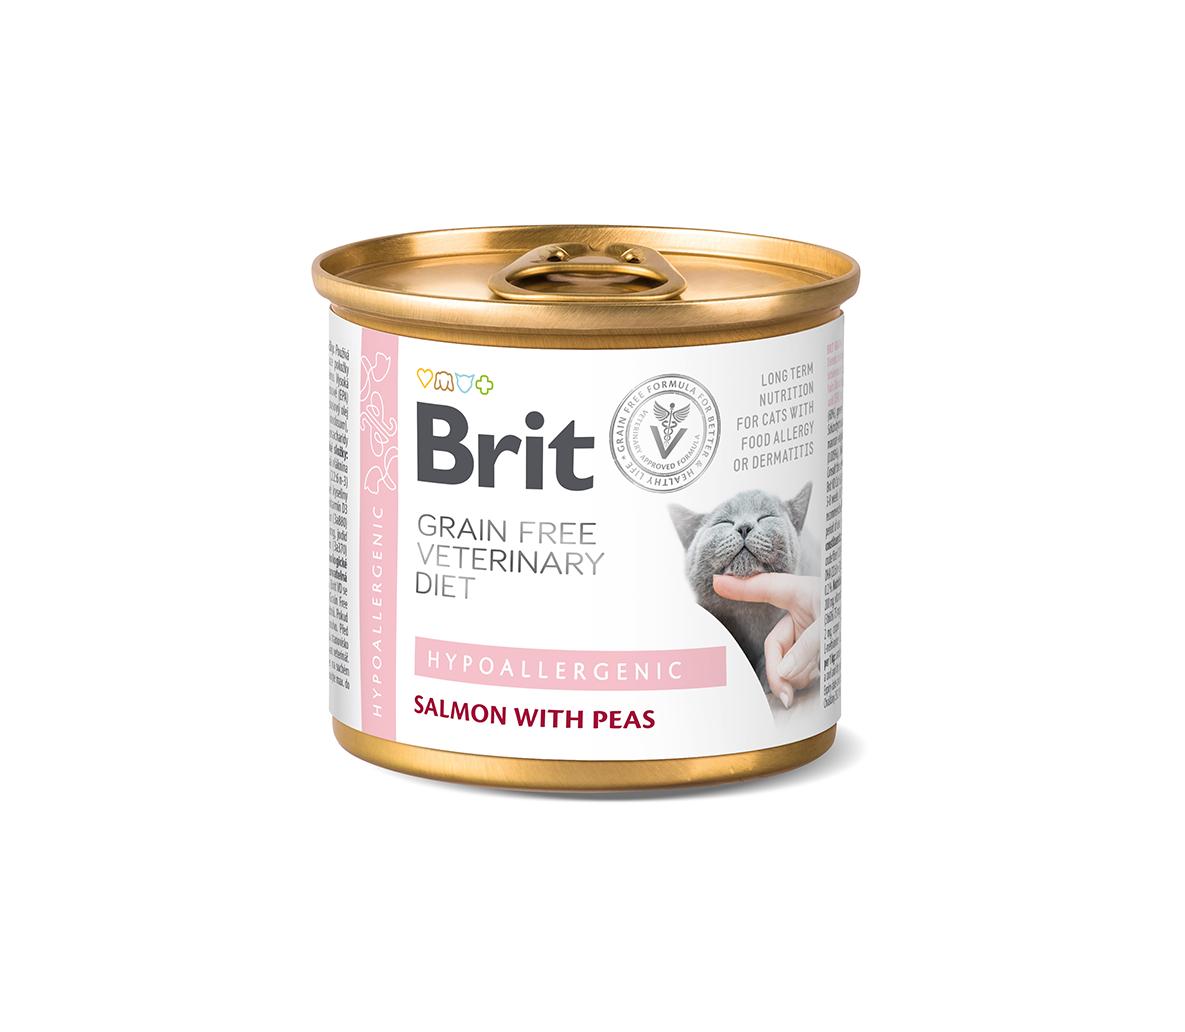 Brit GF Veterinary Diets kons. katėms Hypoallergenic 200g